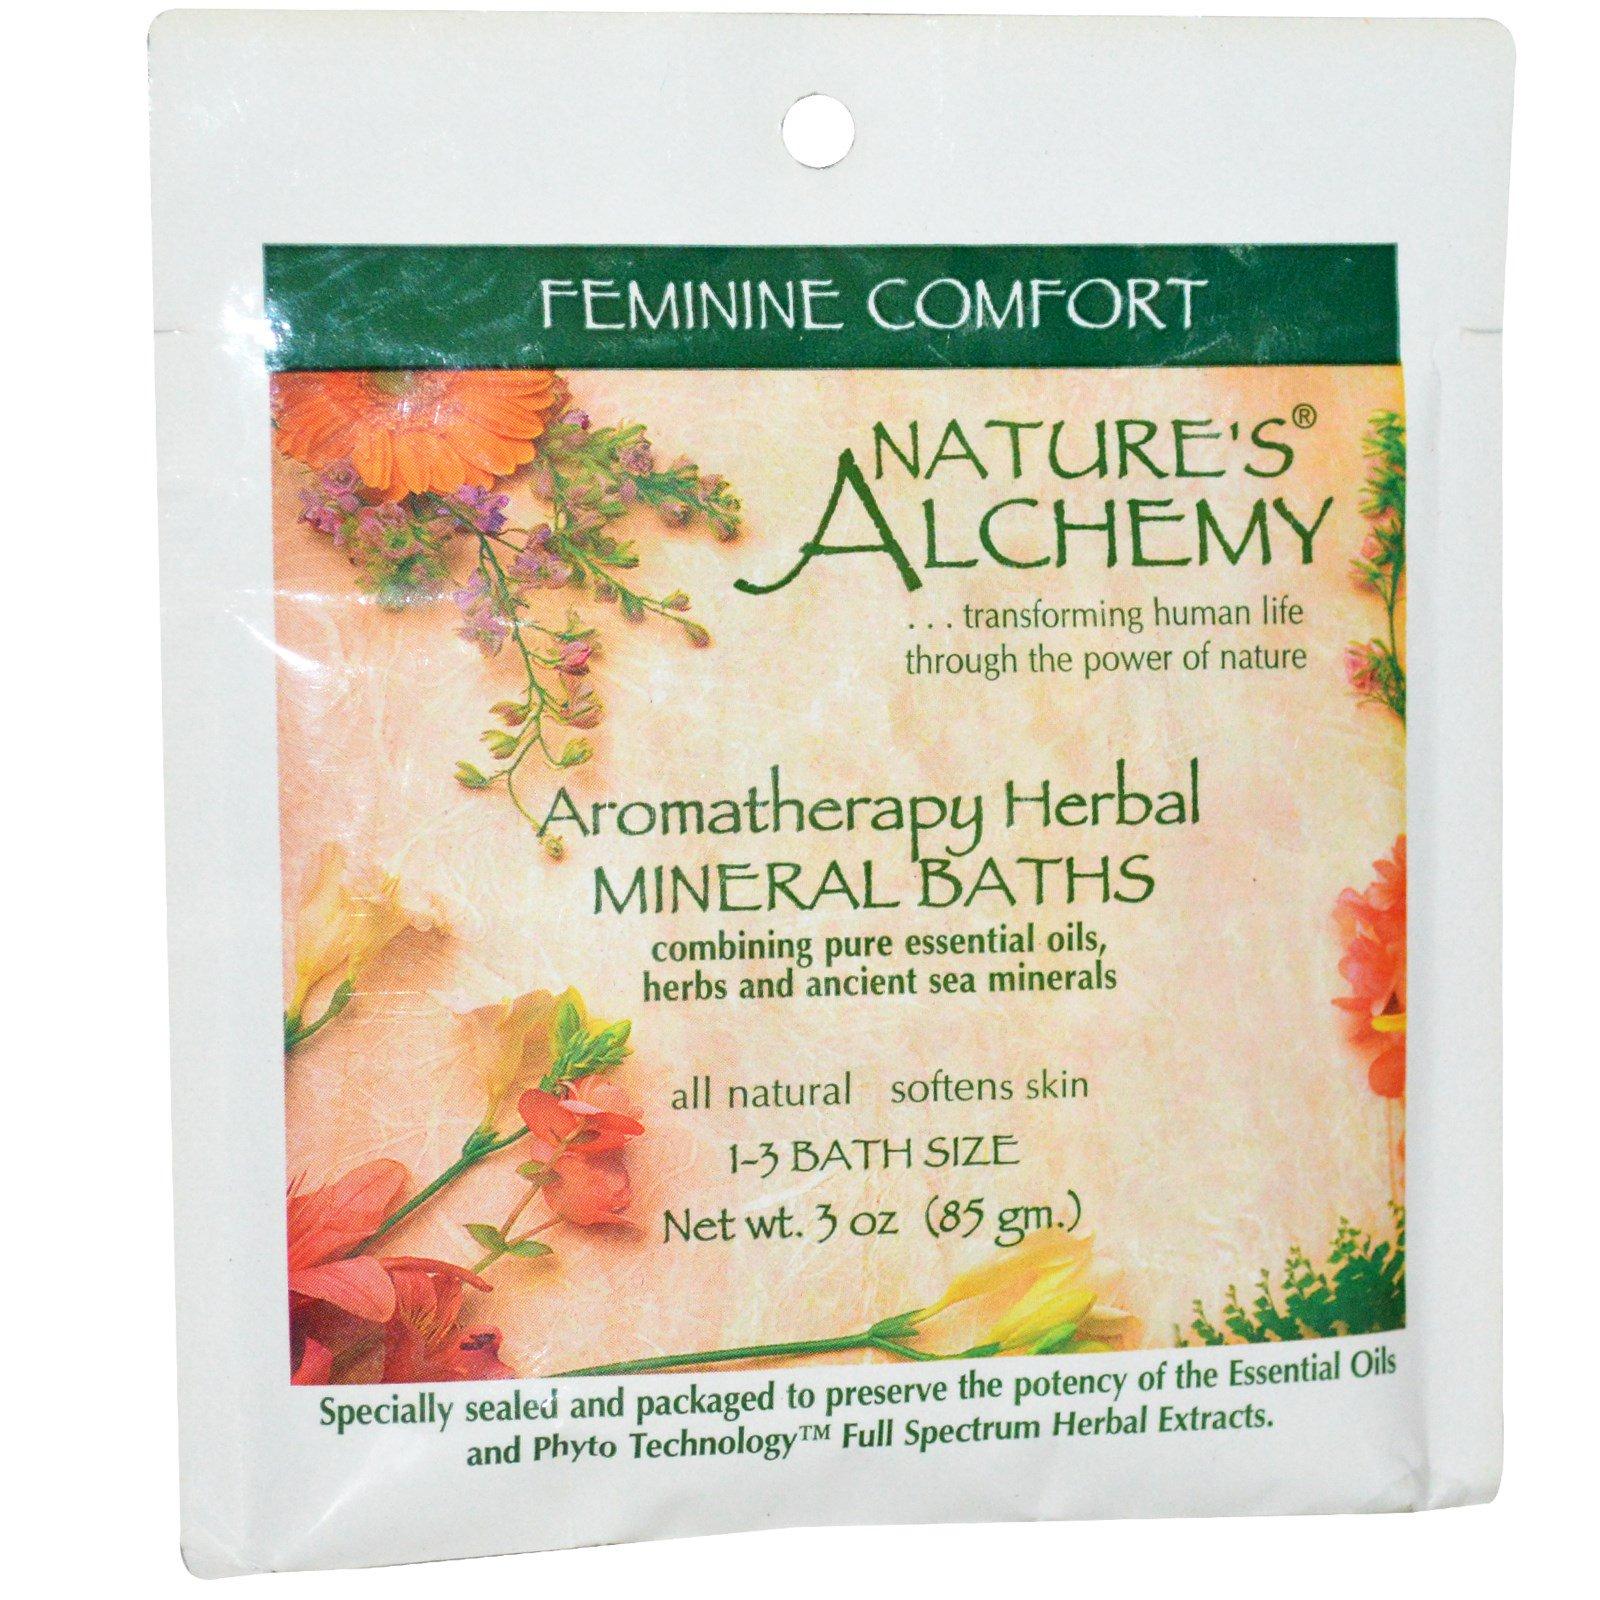 """Nature's Alchemy, Ароматерапевтические травяные минеральные ванны """"Женский комфорт"""", 3 унции (85 г)"""